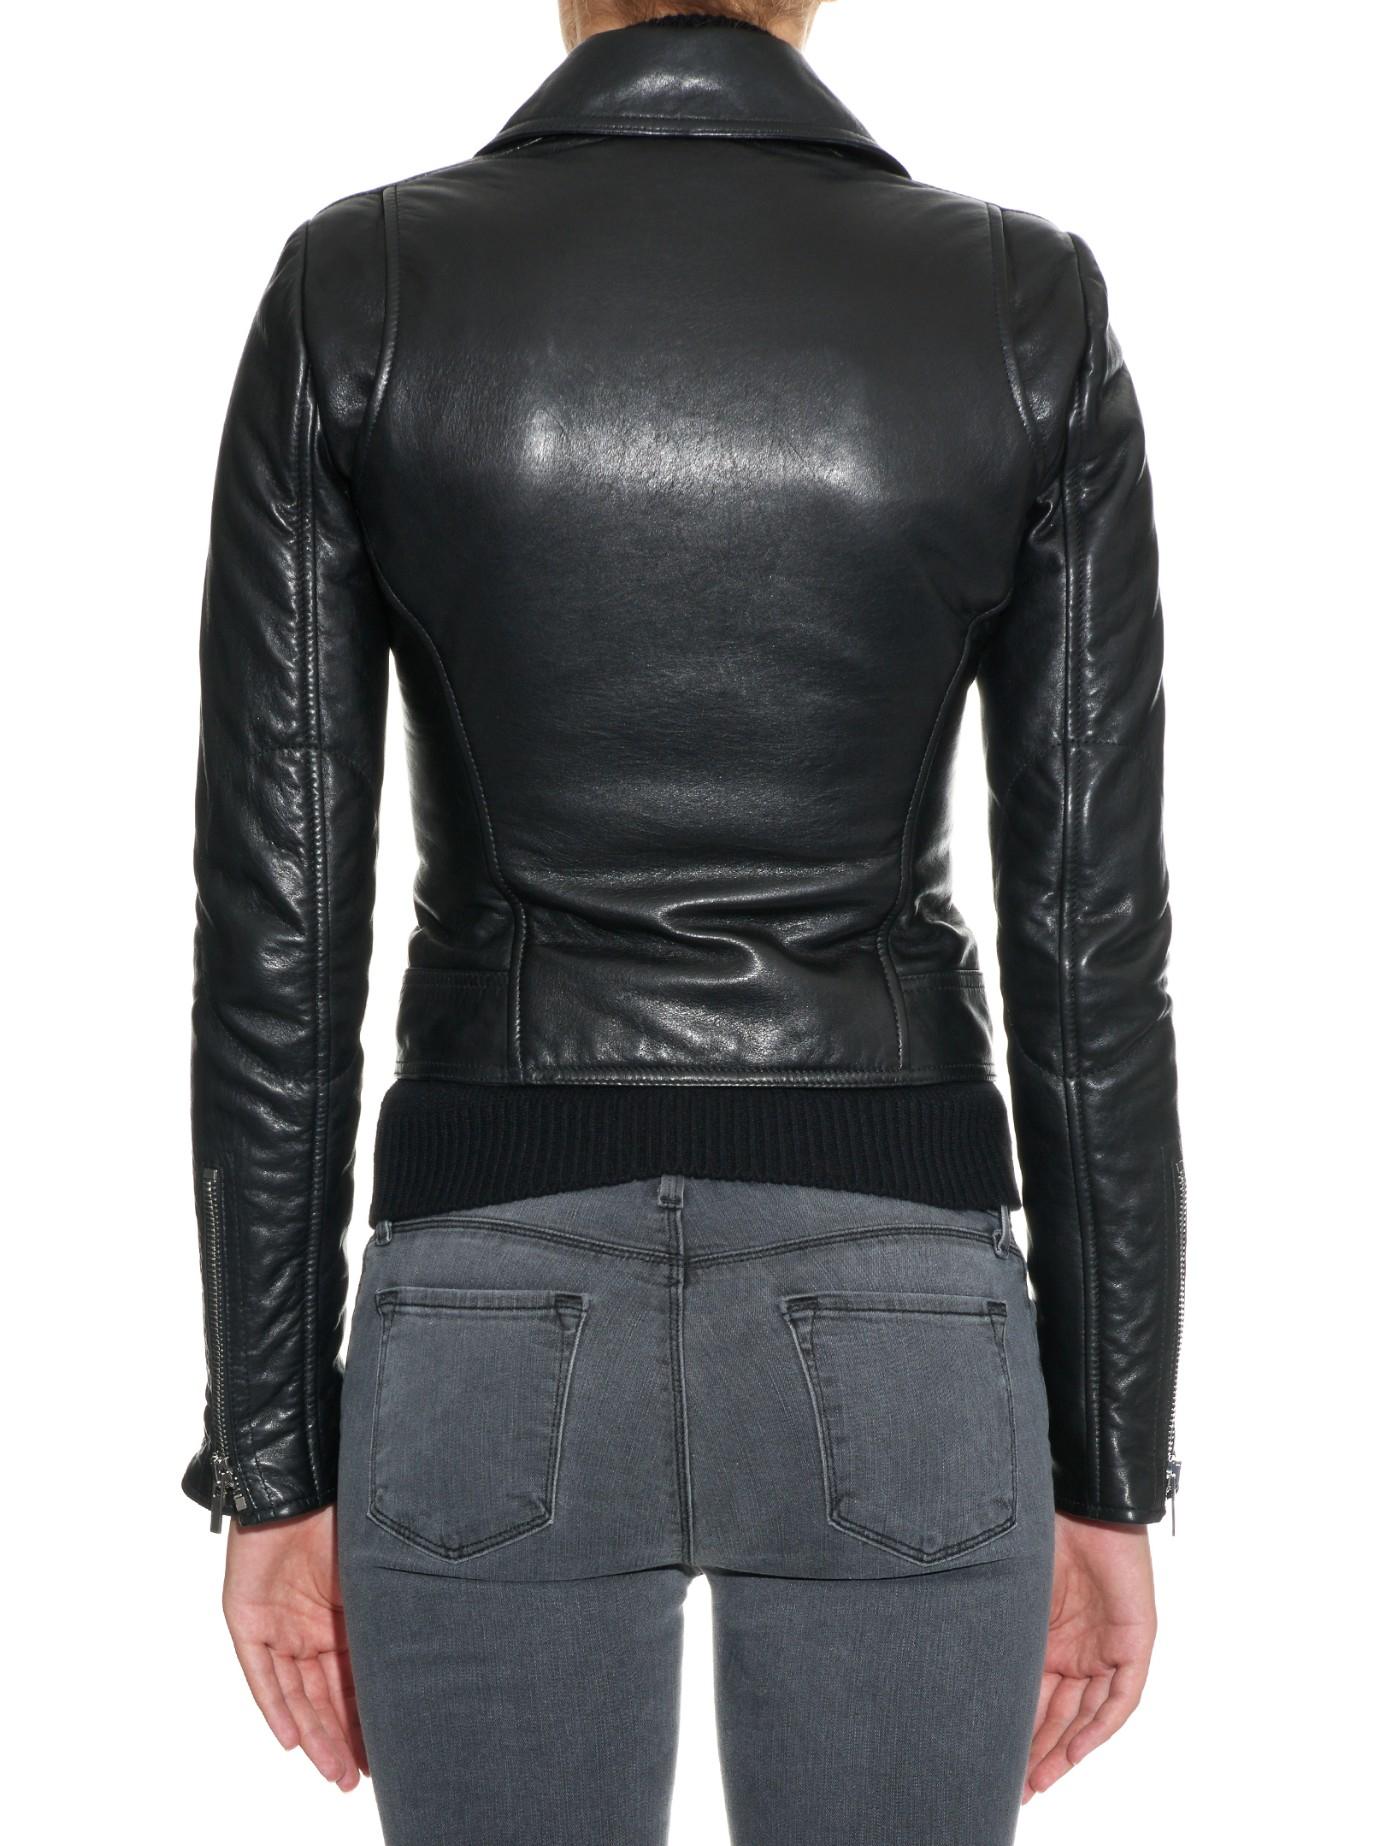 Lyst - Balenciaga Classic Leather Biker Jacket in Black   1385 x 1846 jpeg 840kB